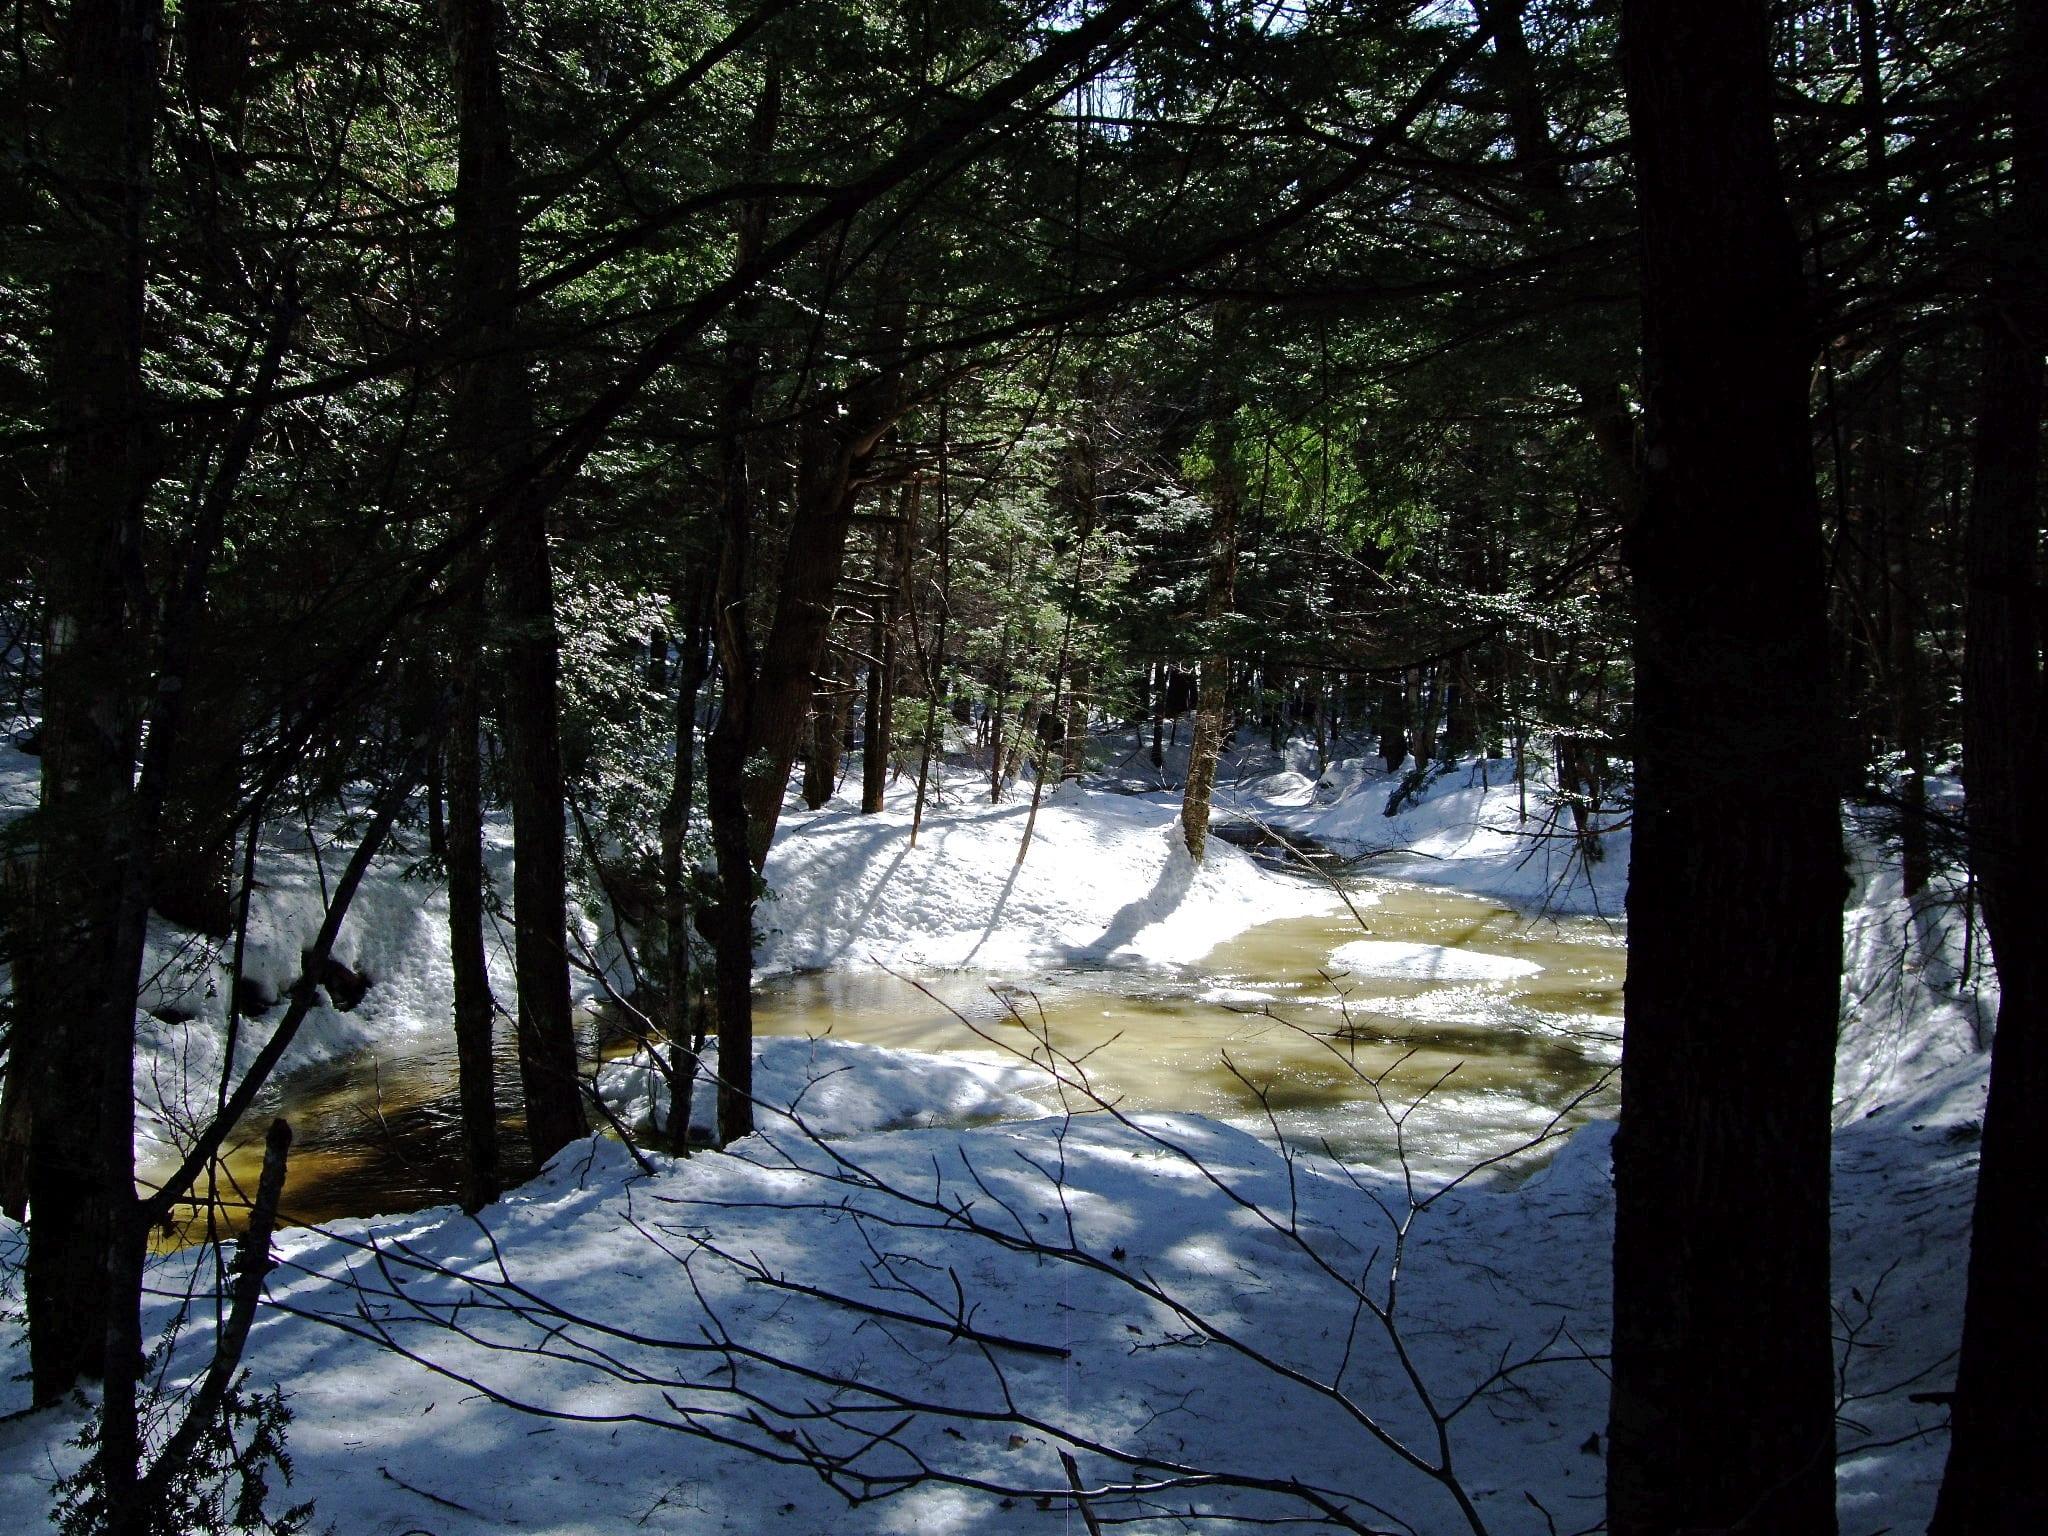 purinton homestead conservation area bowdoin